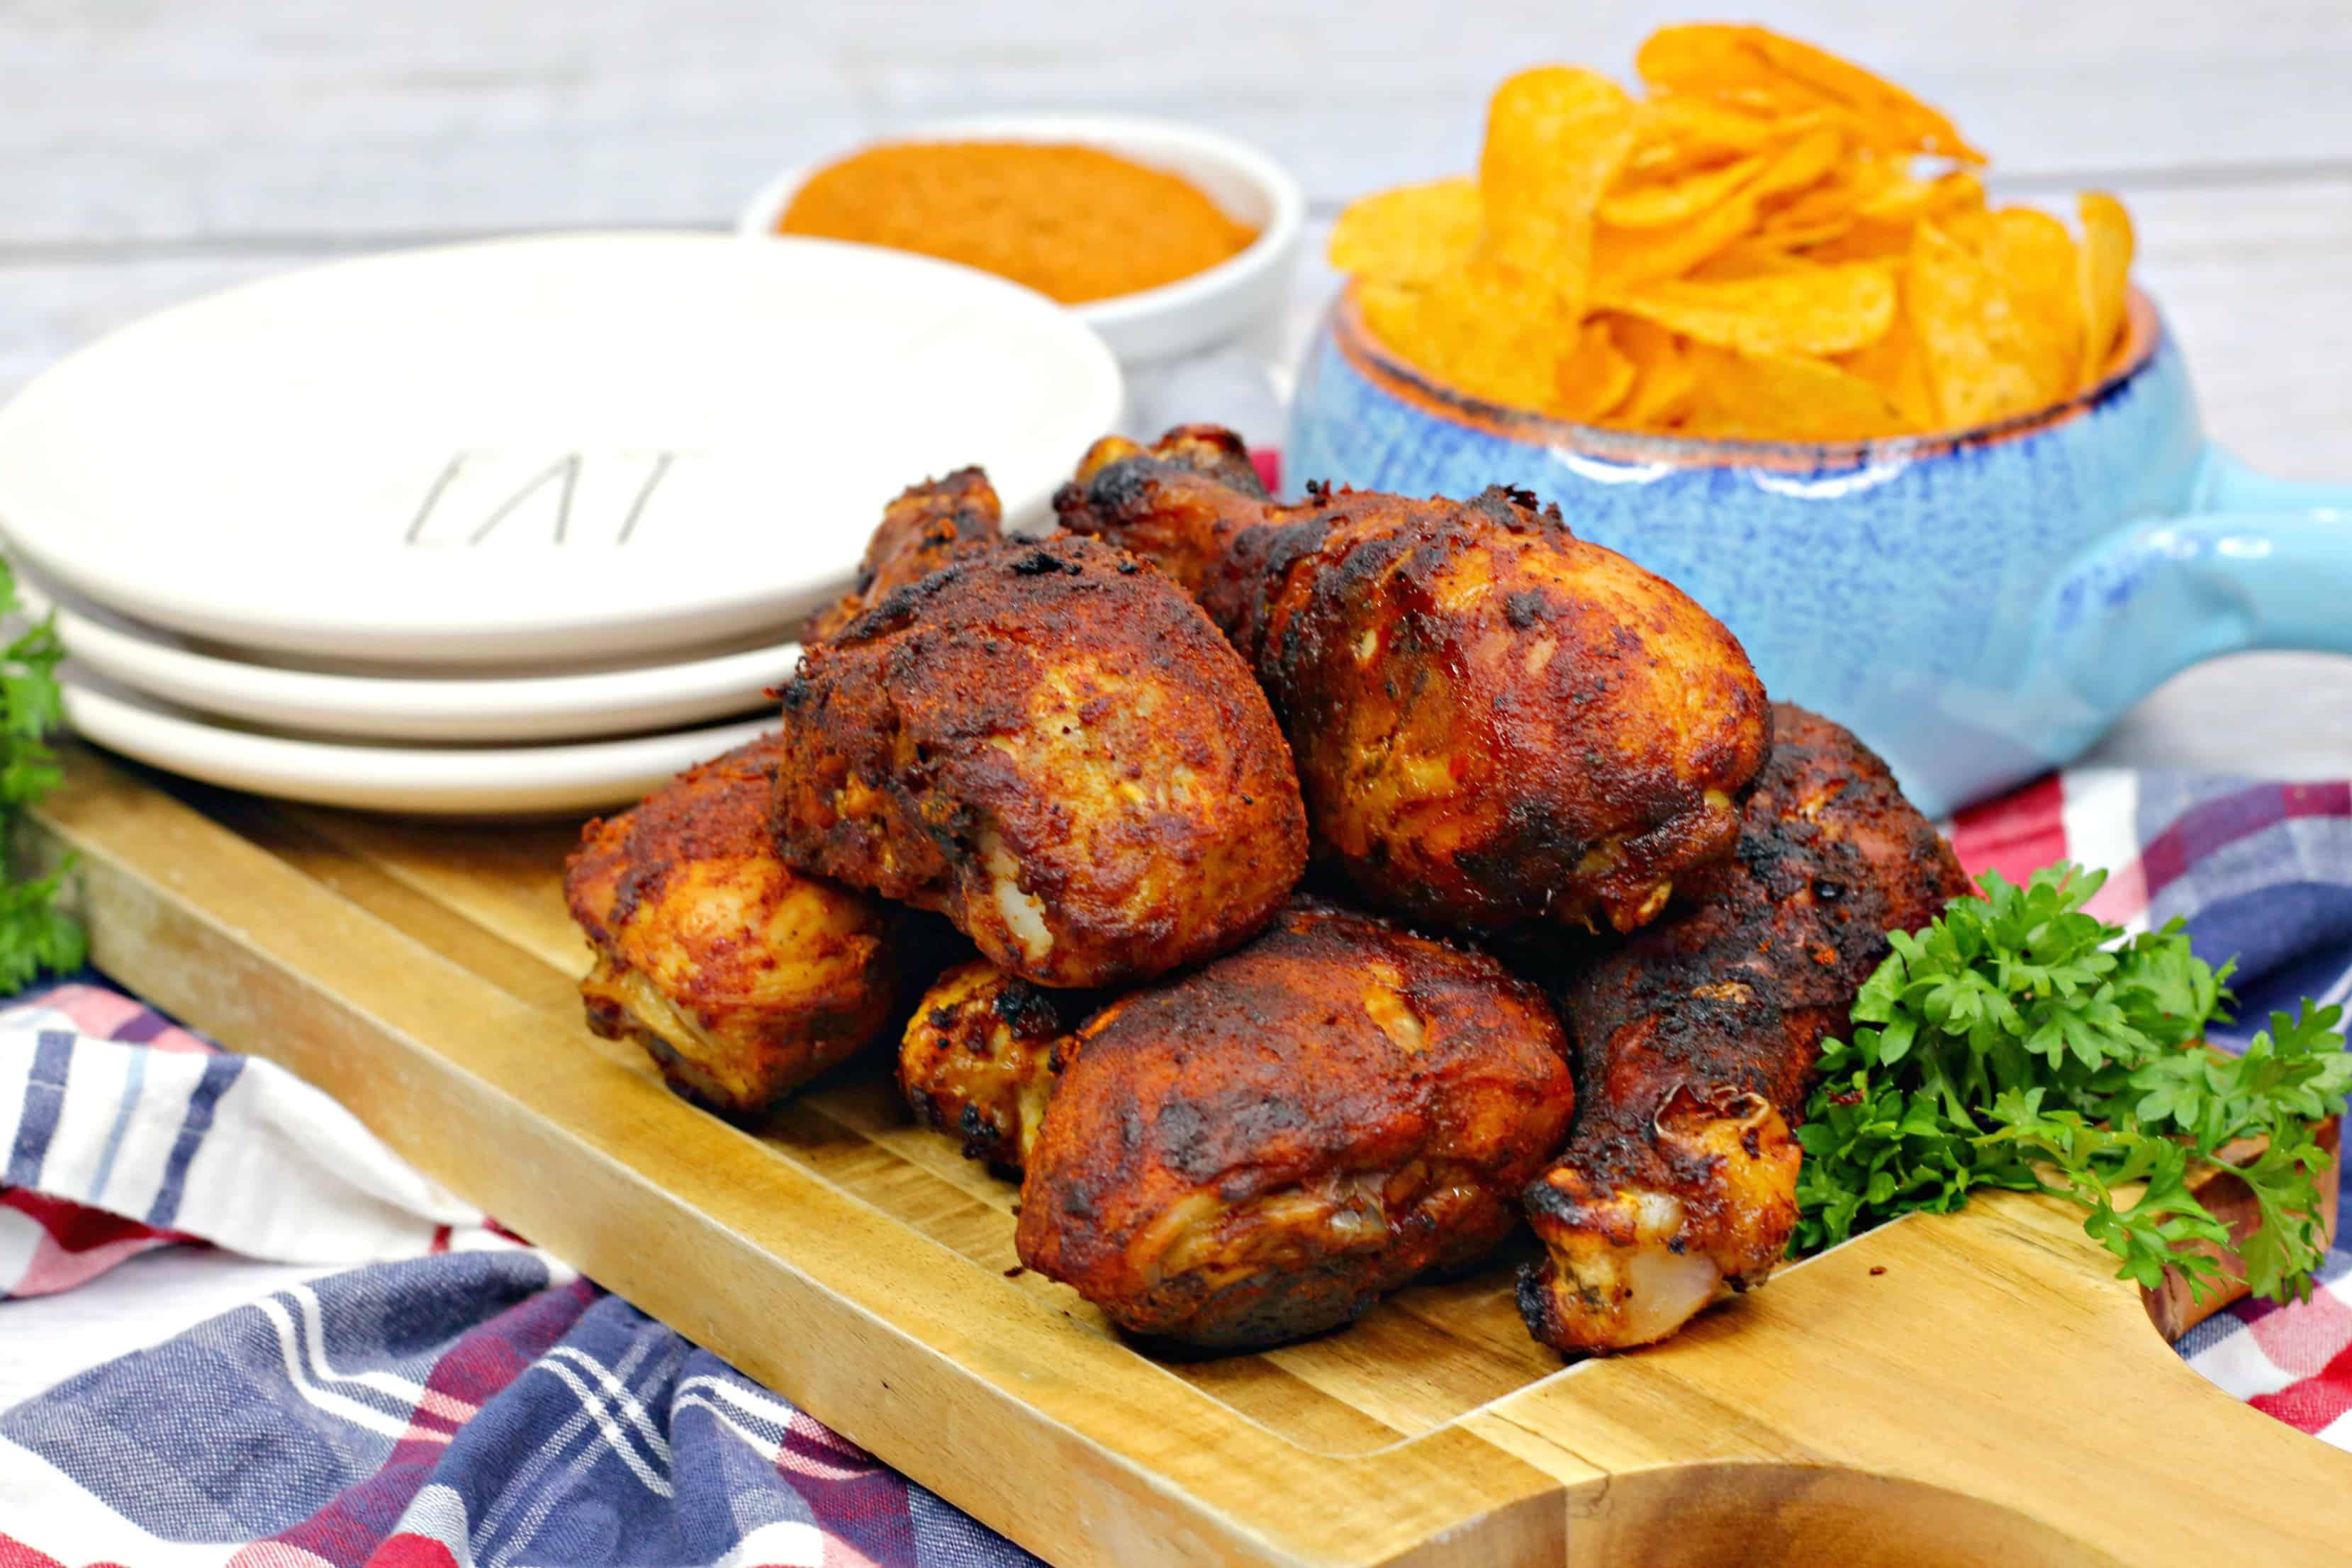 El pollo a la barbacoa al estilo sureño de Memphis (o Memphis Barbeque Chicken) es delicioso y tenemos la receta paso a paso para ti.